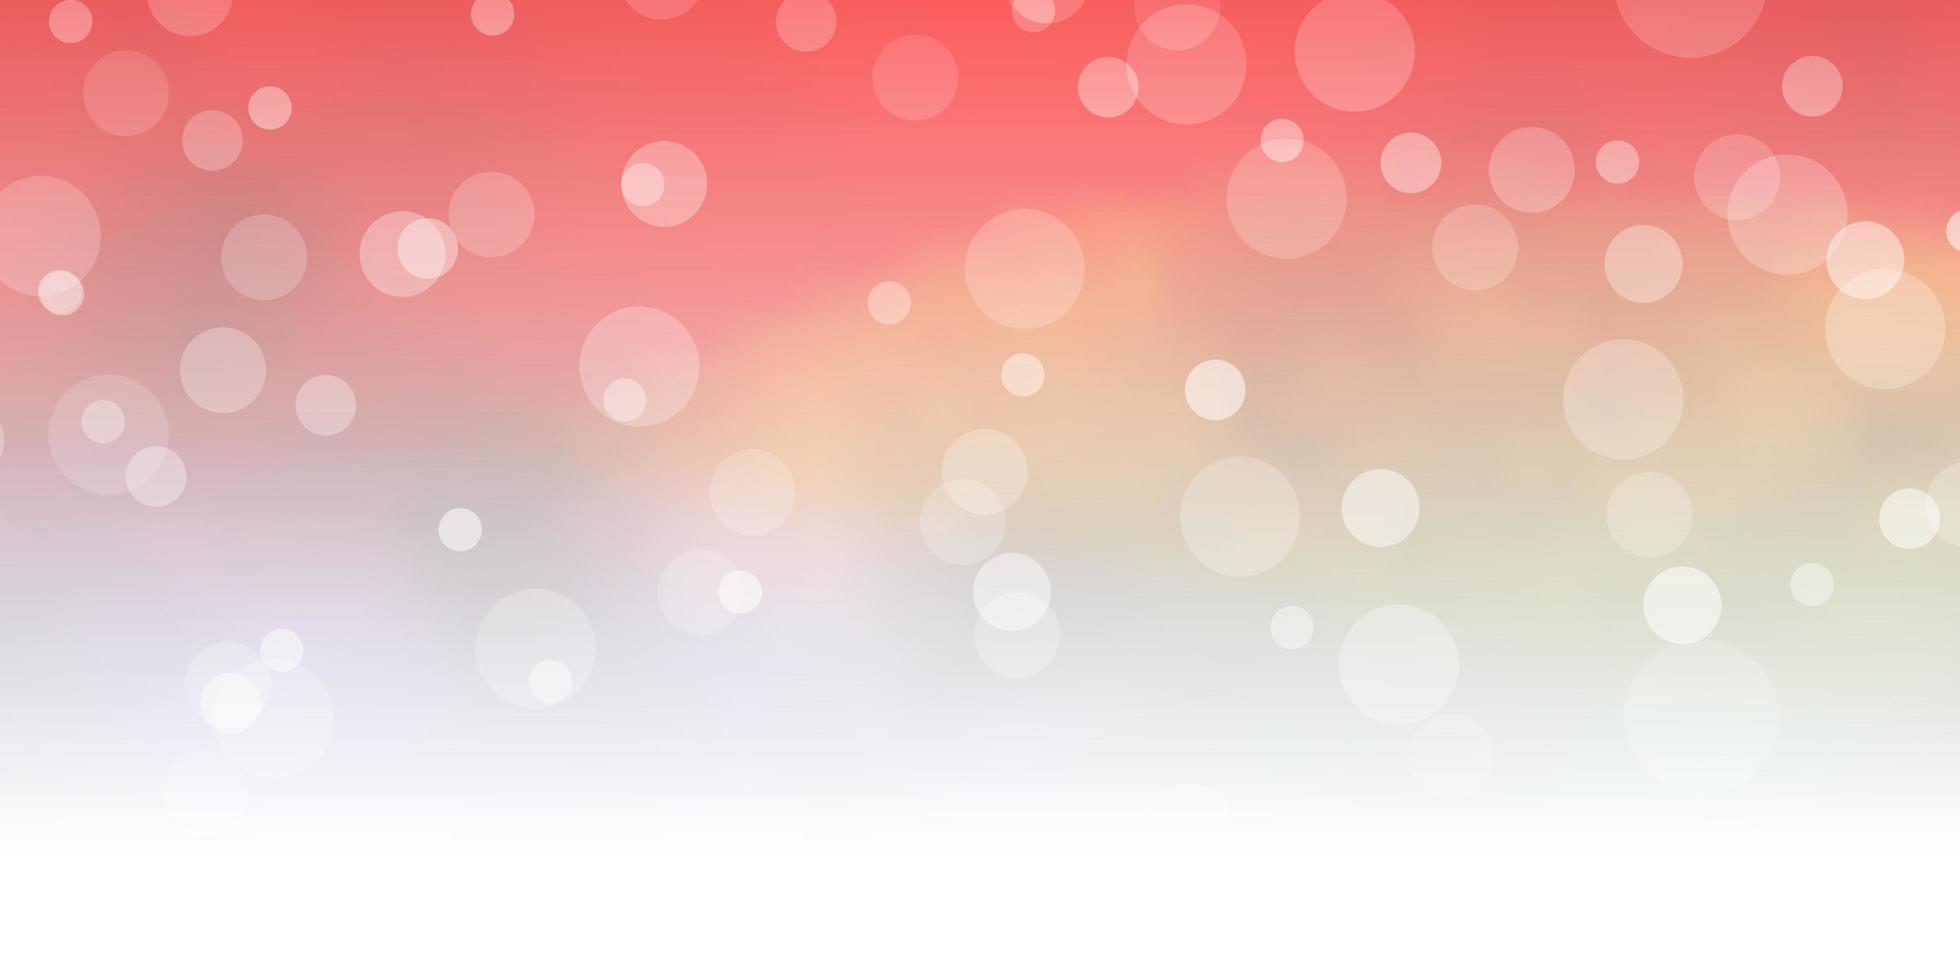 Fondo de vector rojo oscuro, amarillo con círculos.